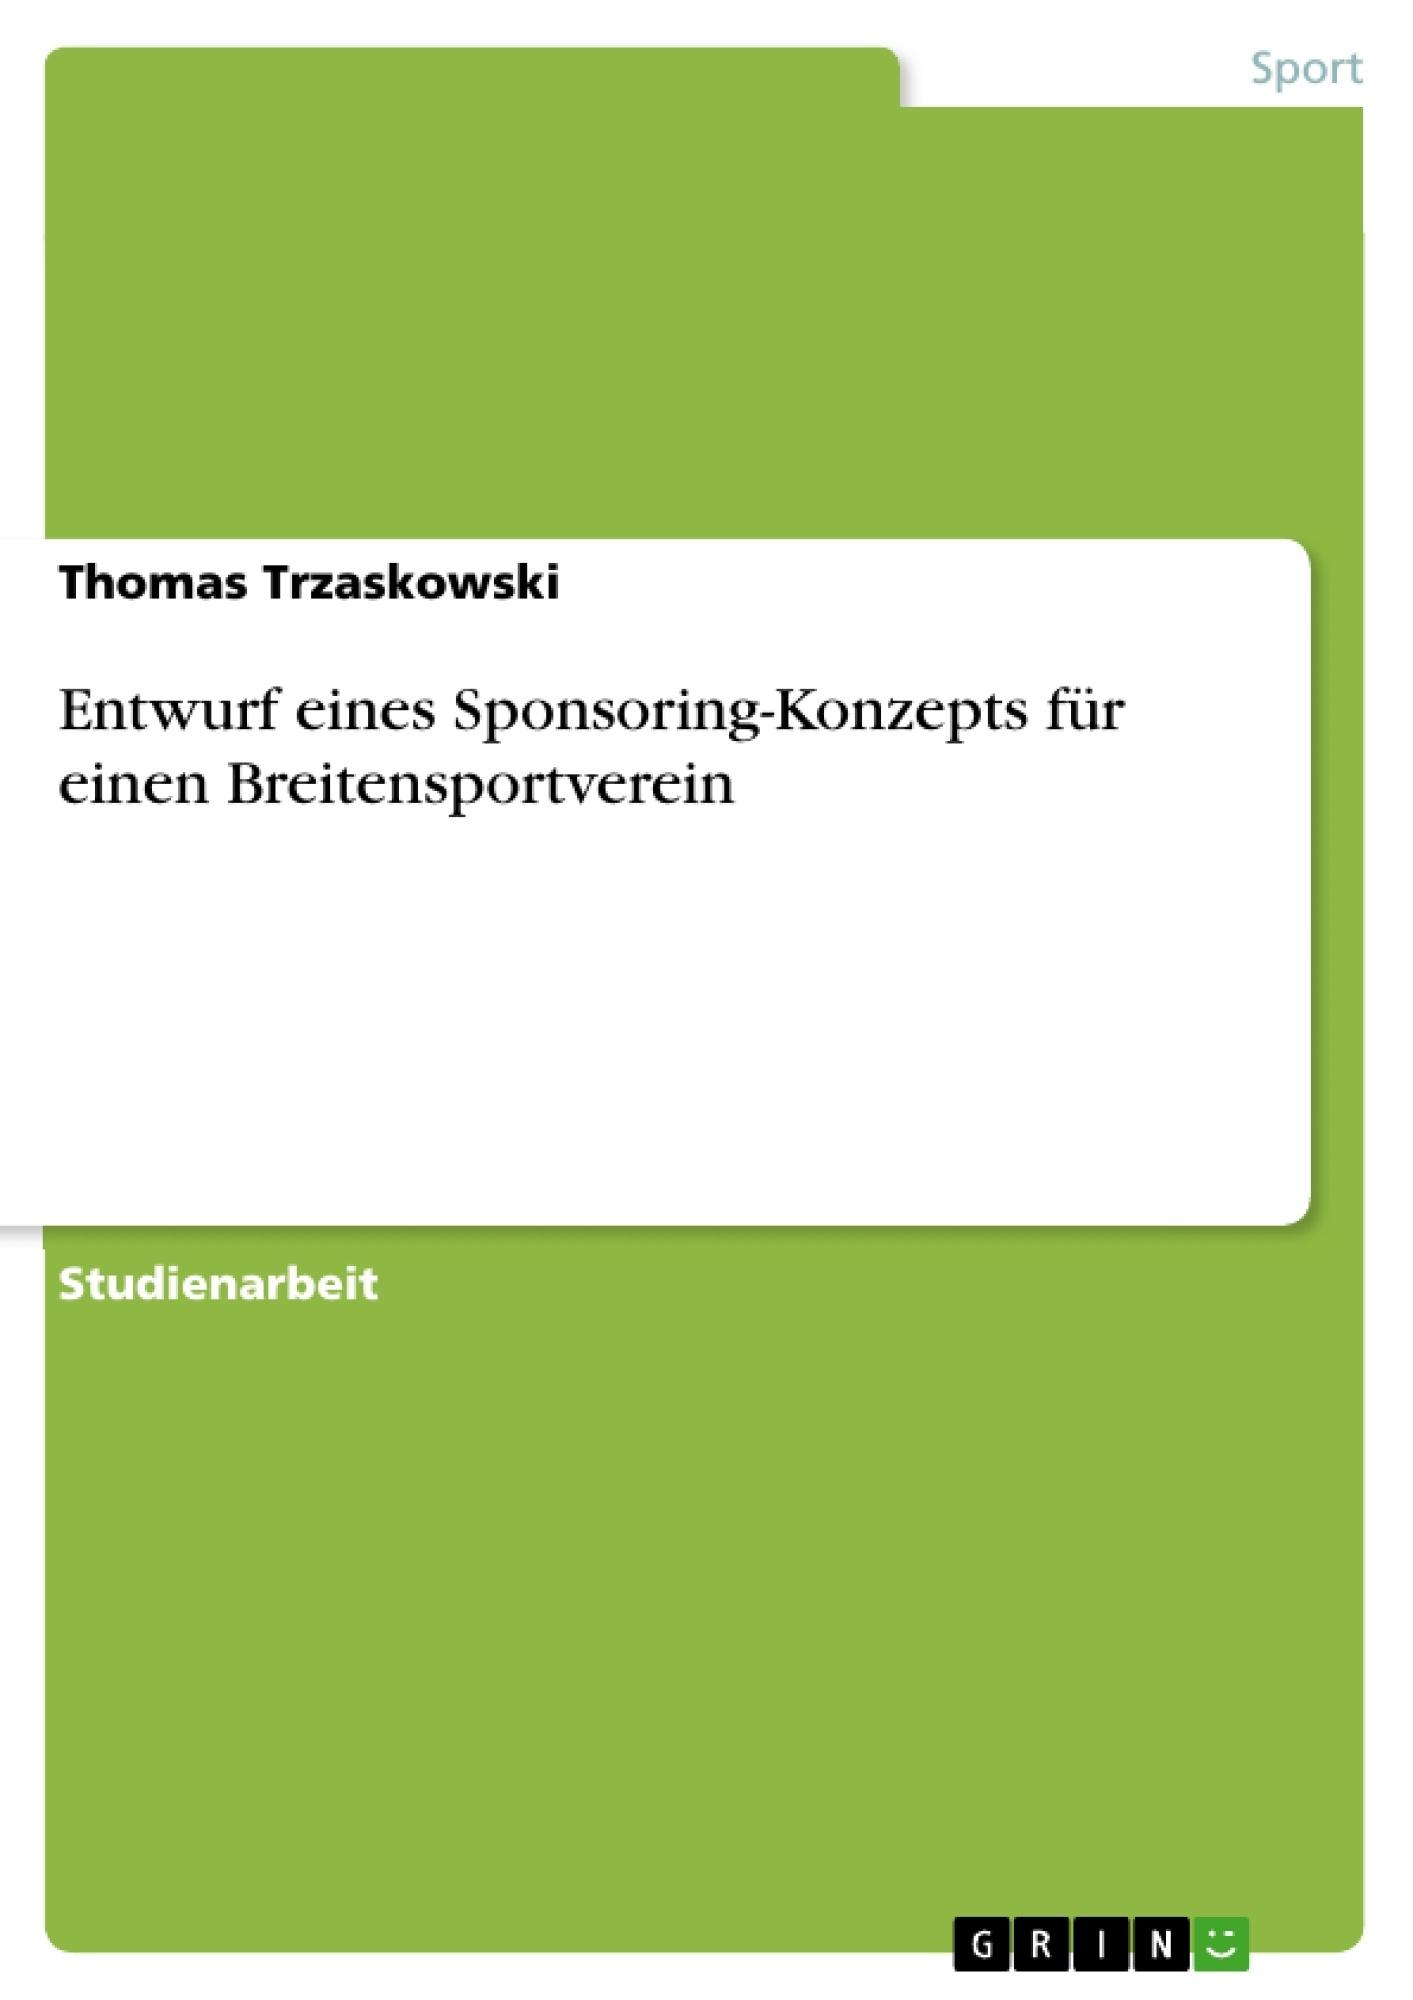 Titel: Entwurf eines Sponsoring-Konzepts für einen Breitensportverein